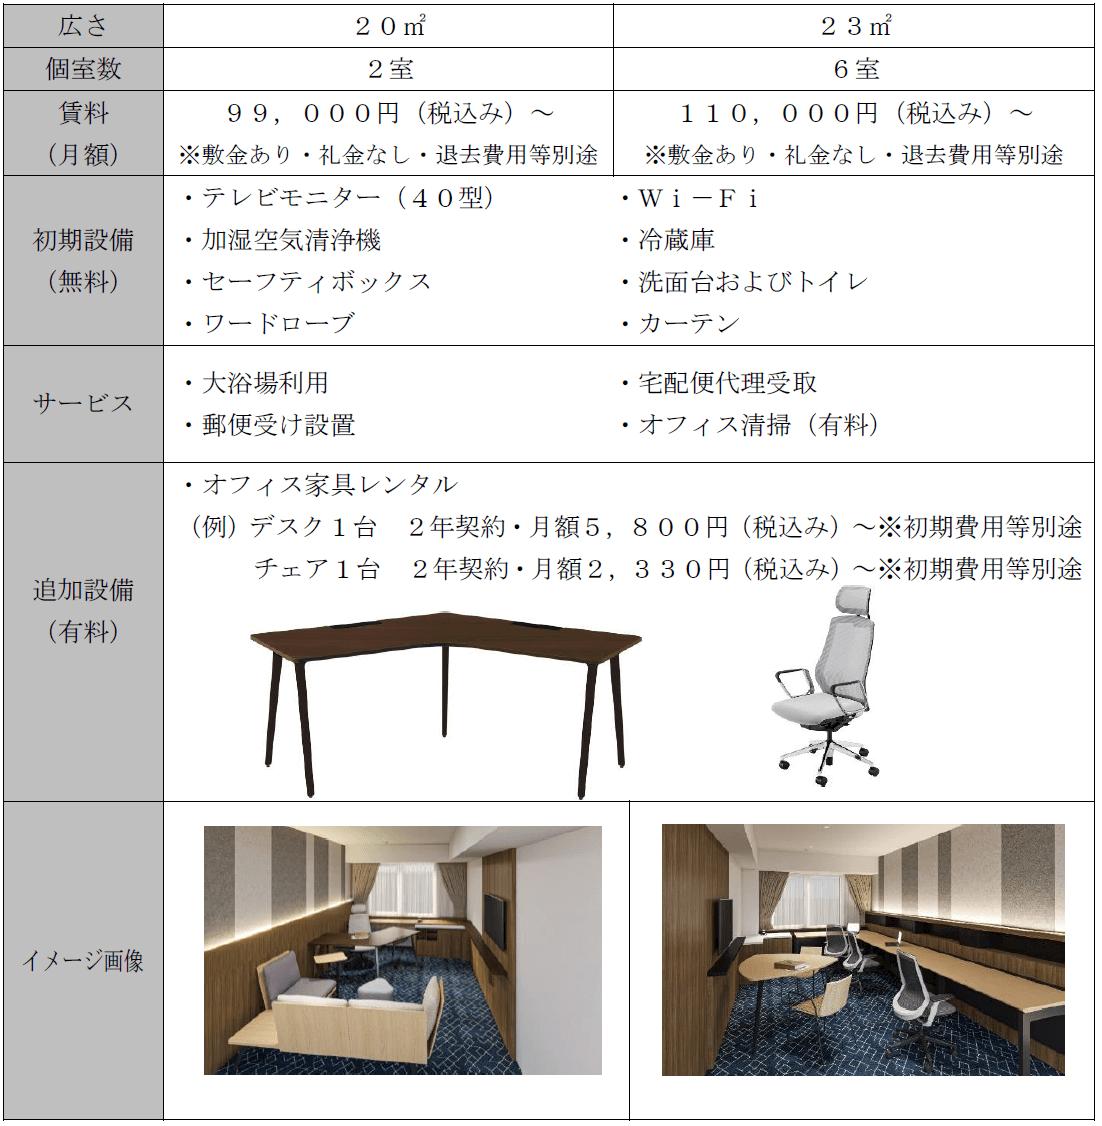 京王プレリアホテル札幌の『カスタムオフィス』概要